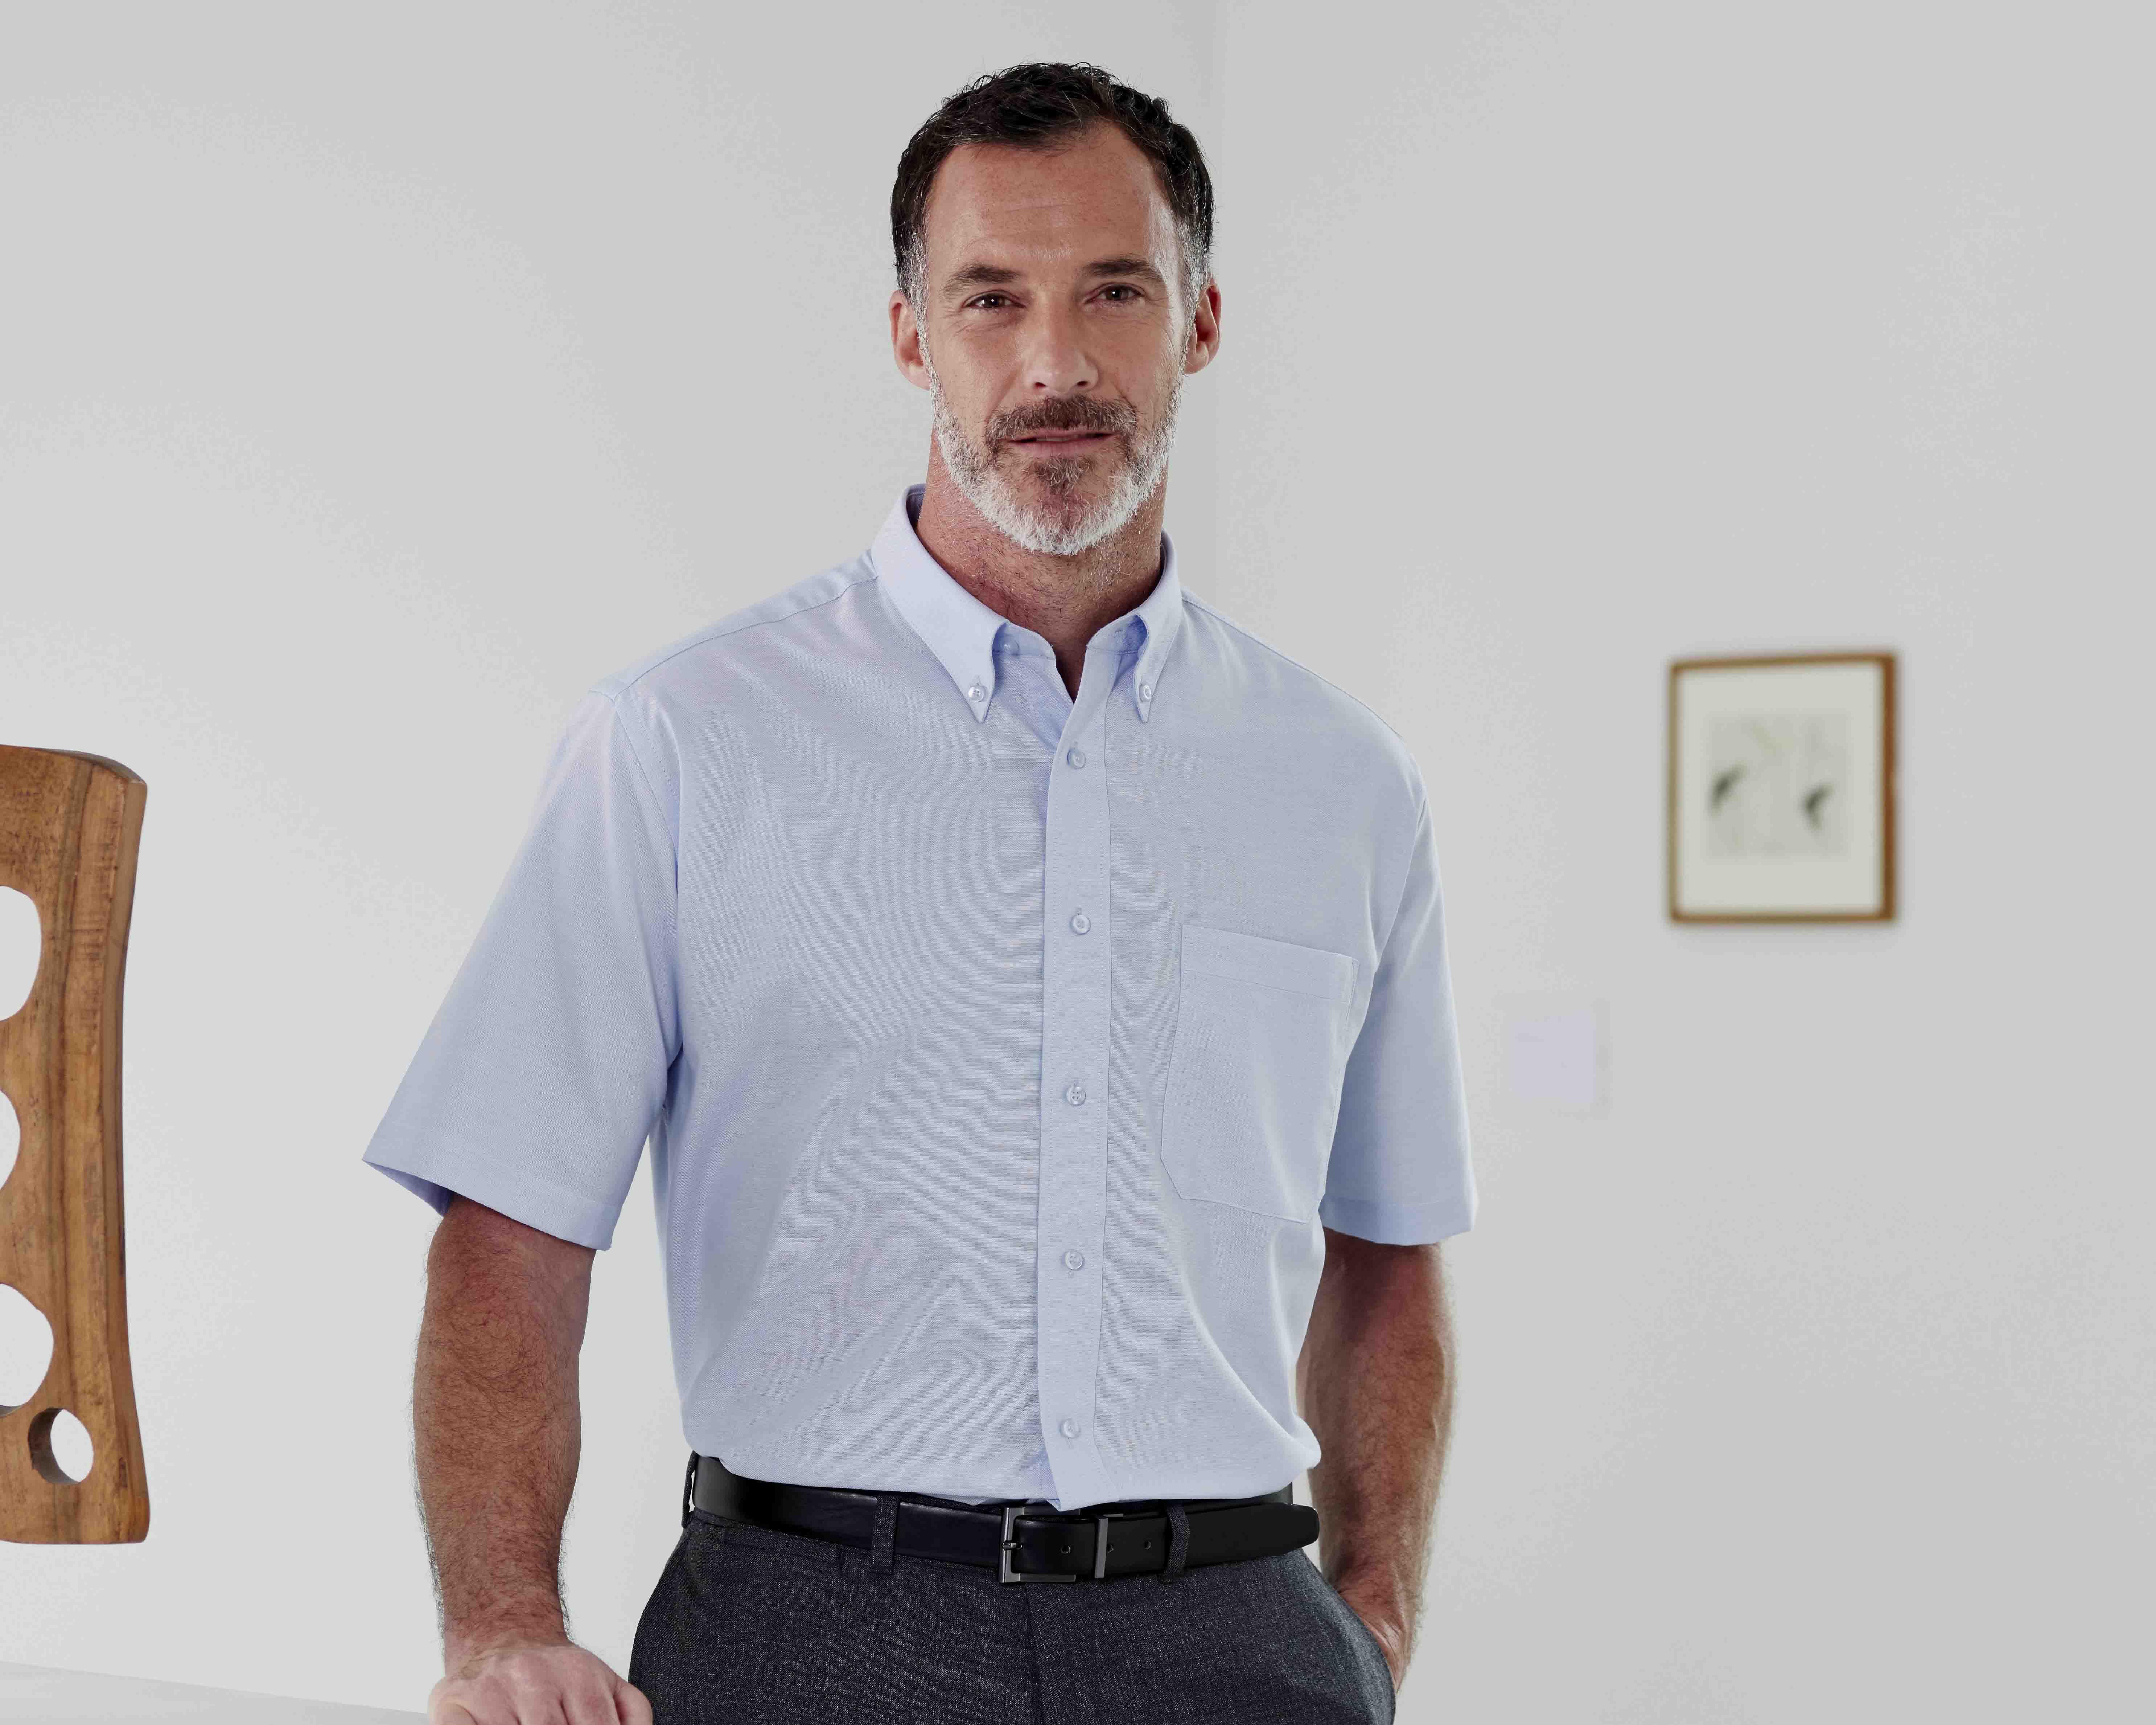 Double TWO Non-Iron Oxford Shirts